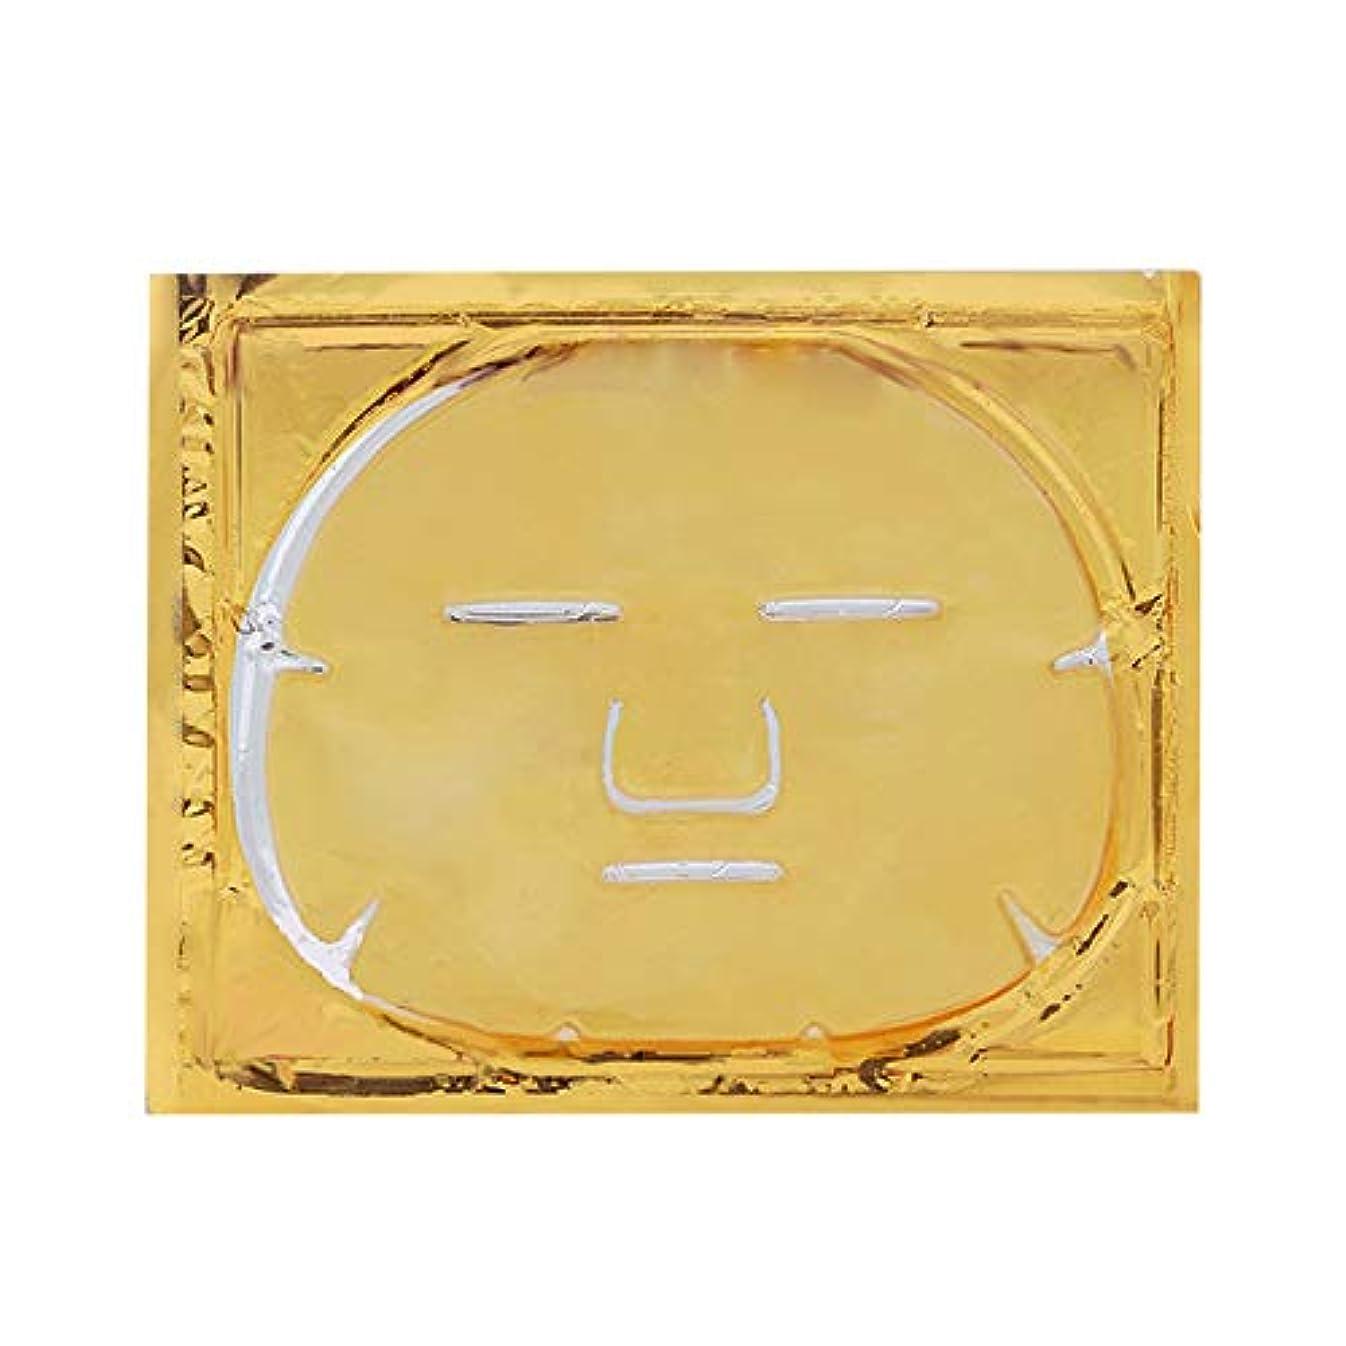 意味のあるクラシカル対象TOOGOO ゴールド ゲル コラーゲン 水晶フェイシャル?マスク シート パッチ アンチエイジング、美白、むくみ、しわ、保湿、深部組織の若返りと水分補給用